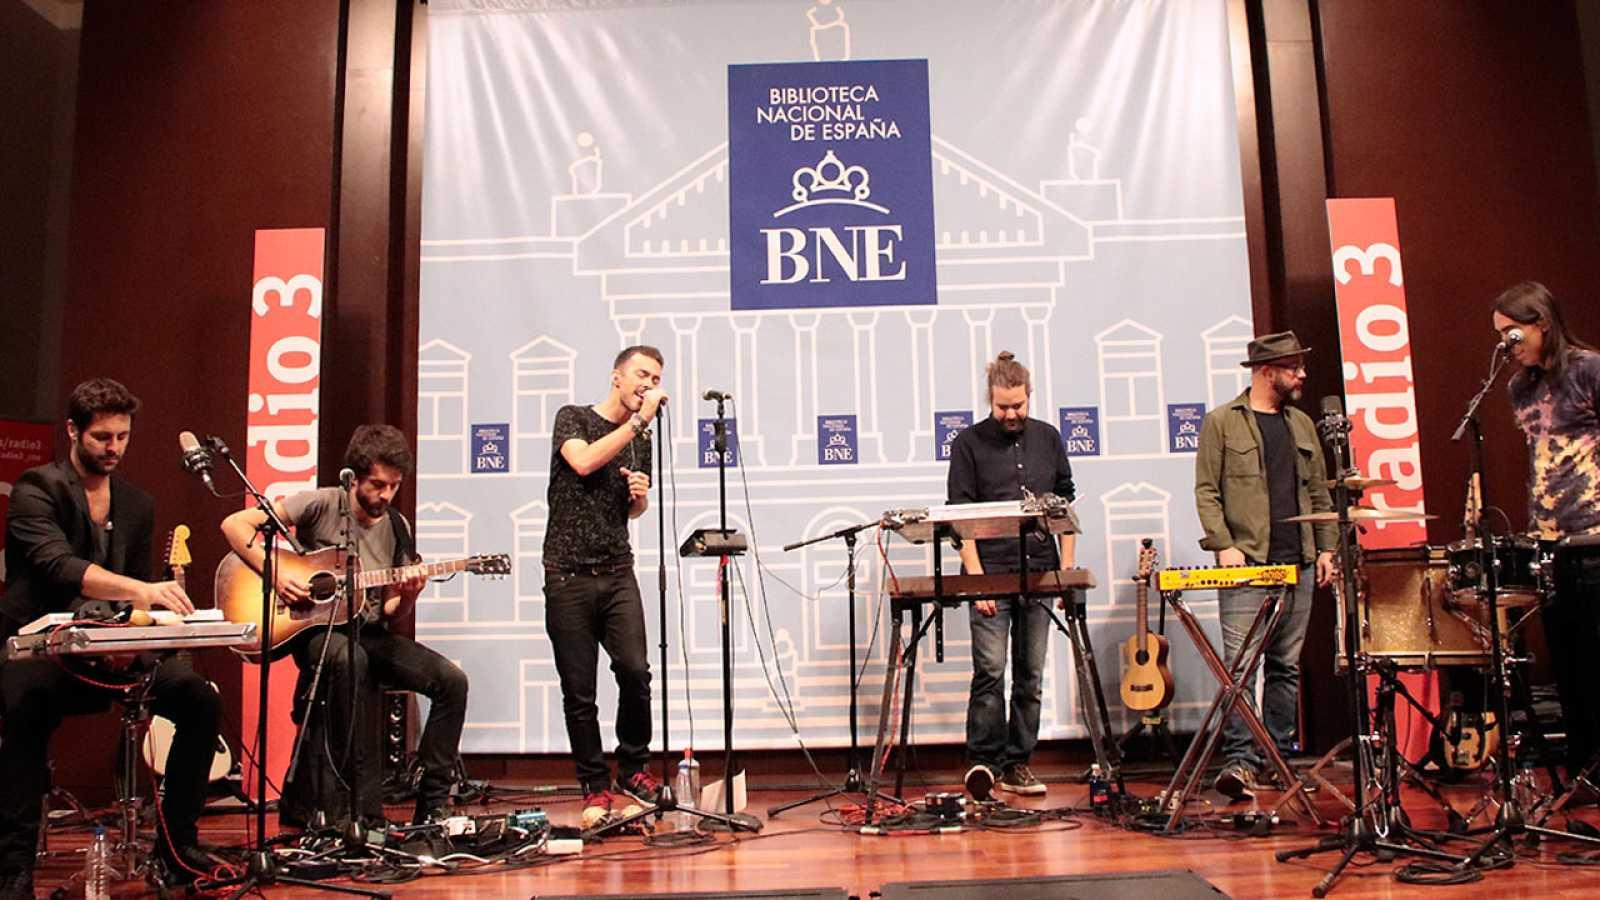 Especiales Radio 3 - Especial Vetusta Morla en la Biblioteca Nacional - 10/11/17 - escuchar ahora